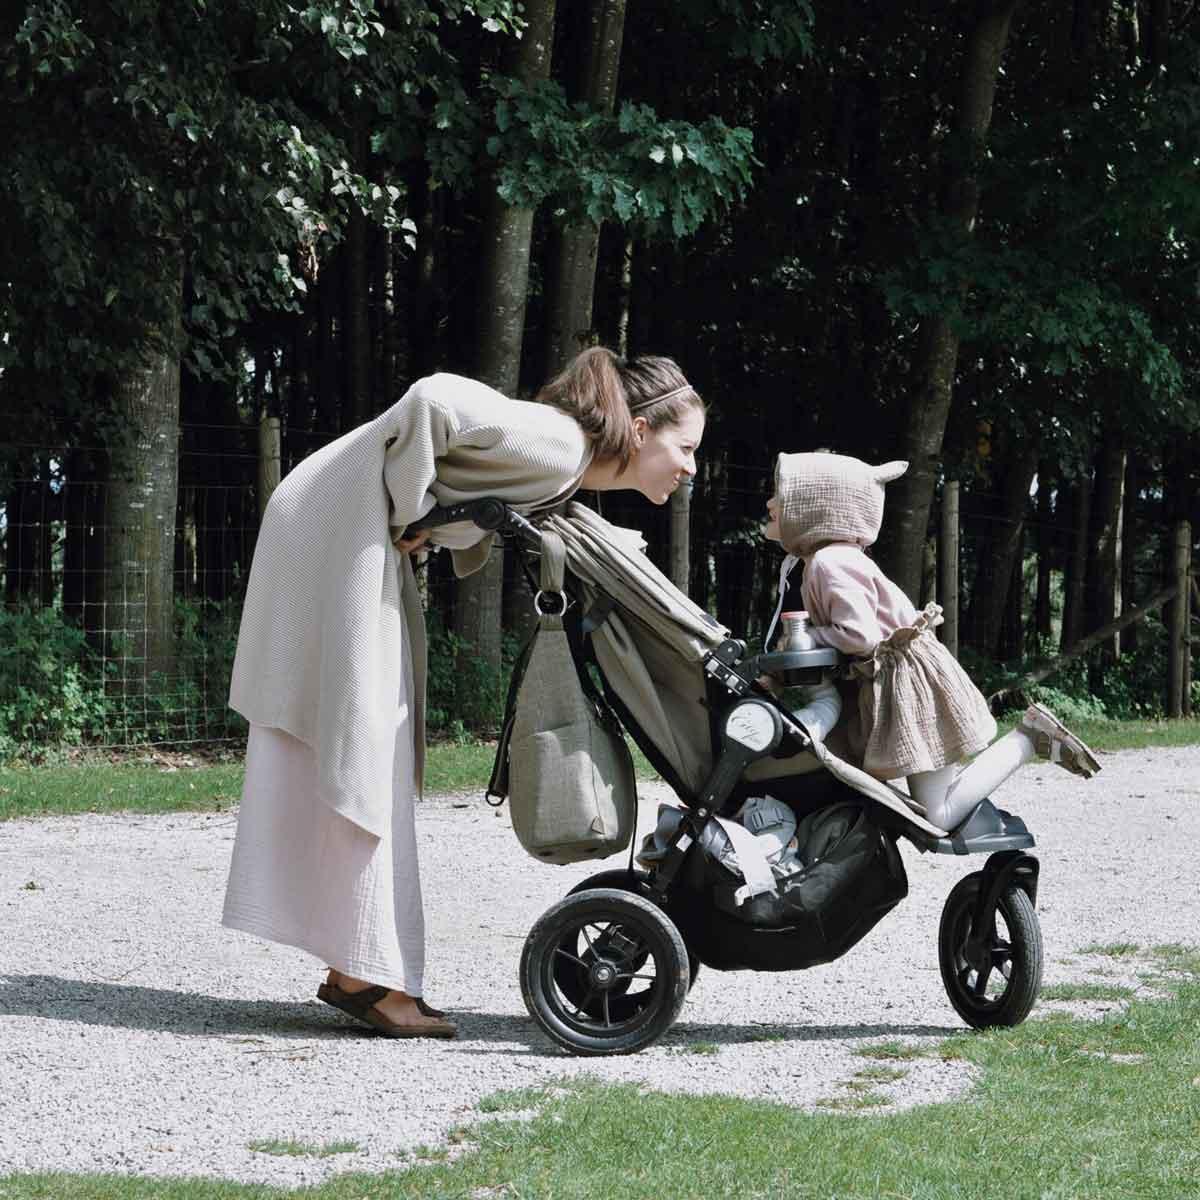 Babyjogger Kinderwagen Poing Wildpark Tierpark Sommer Mutter Tochter - How we stoll | 4 Jahre mit dem Babyjogger